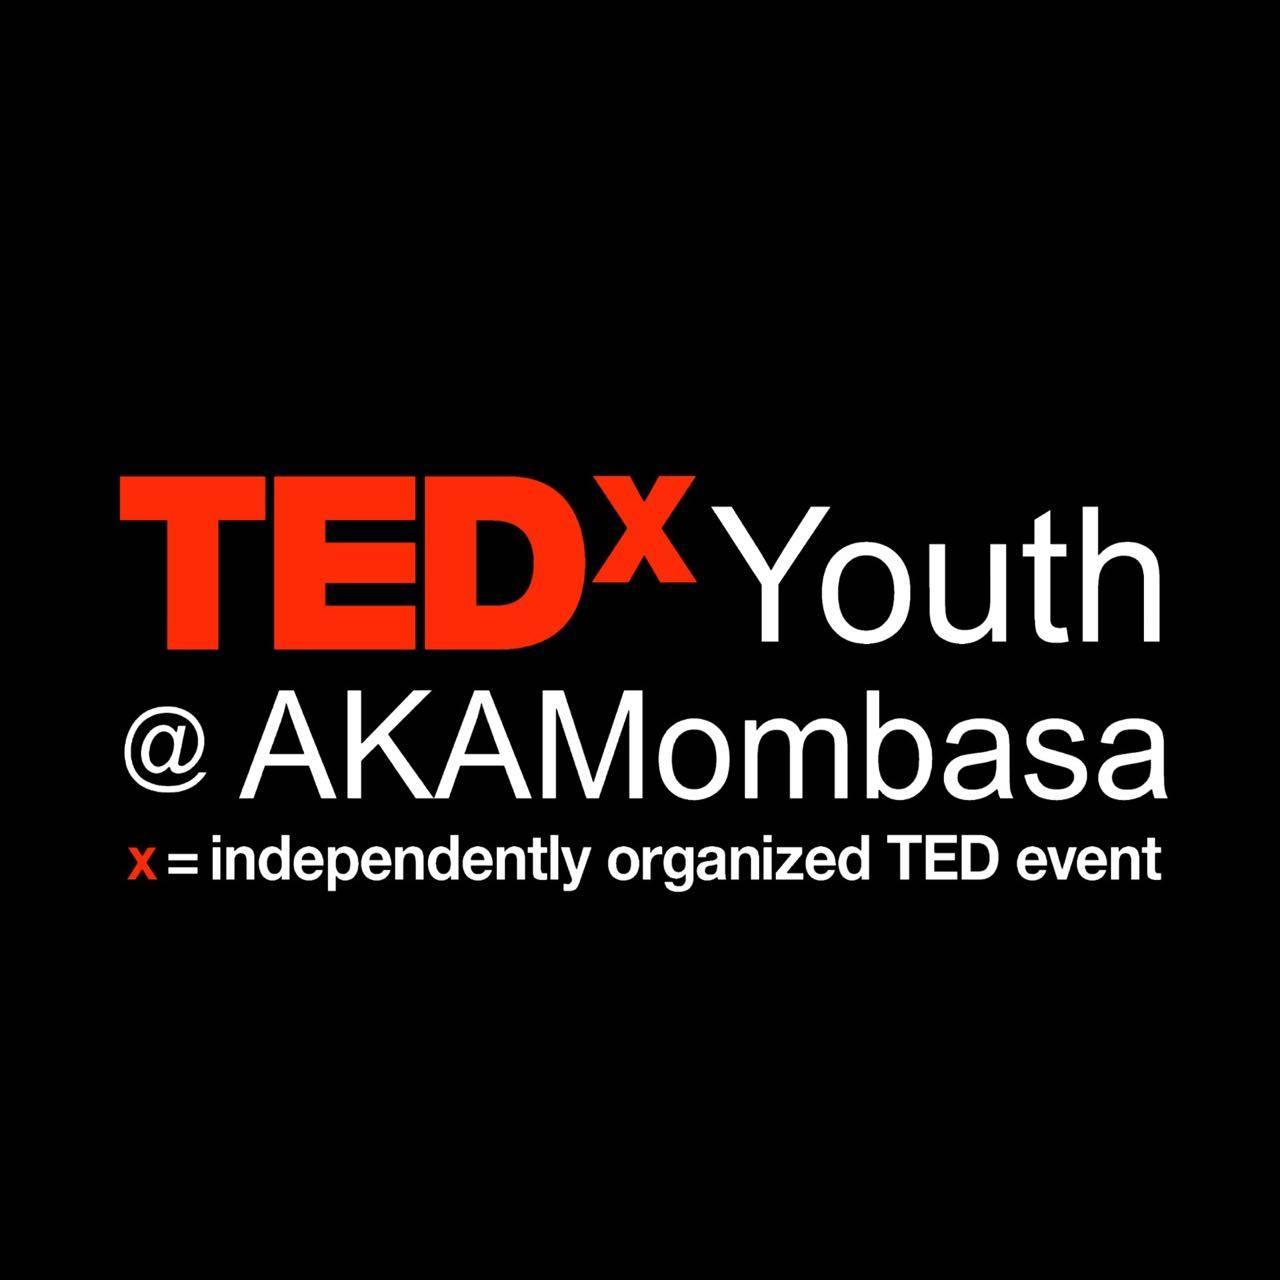 TEDx Youth @ AKAMombasa